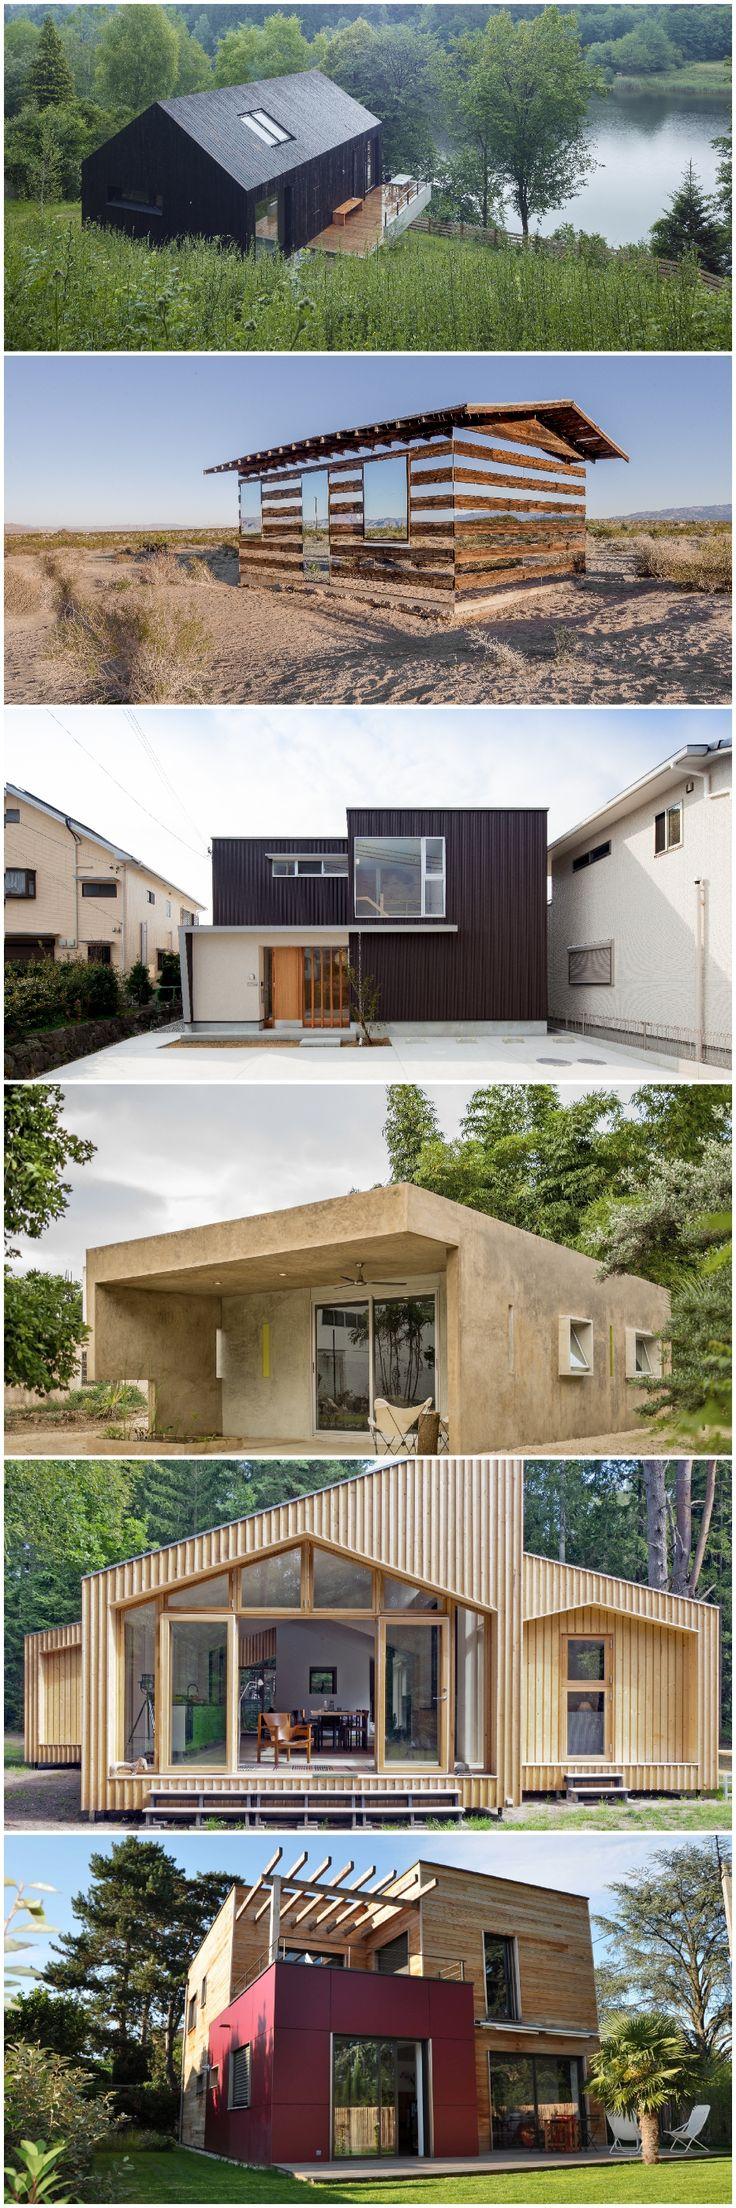 38 best Ideen für kleine Häuser images on Pinterest | Small homes ...